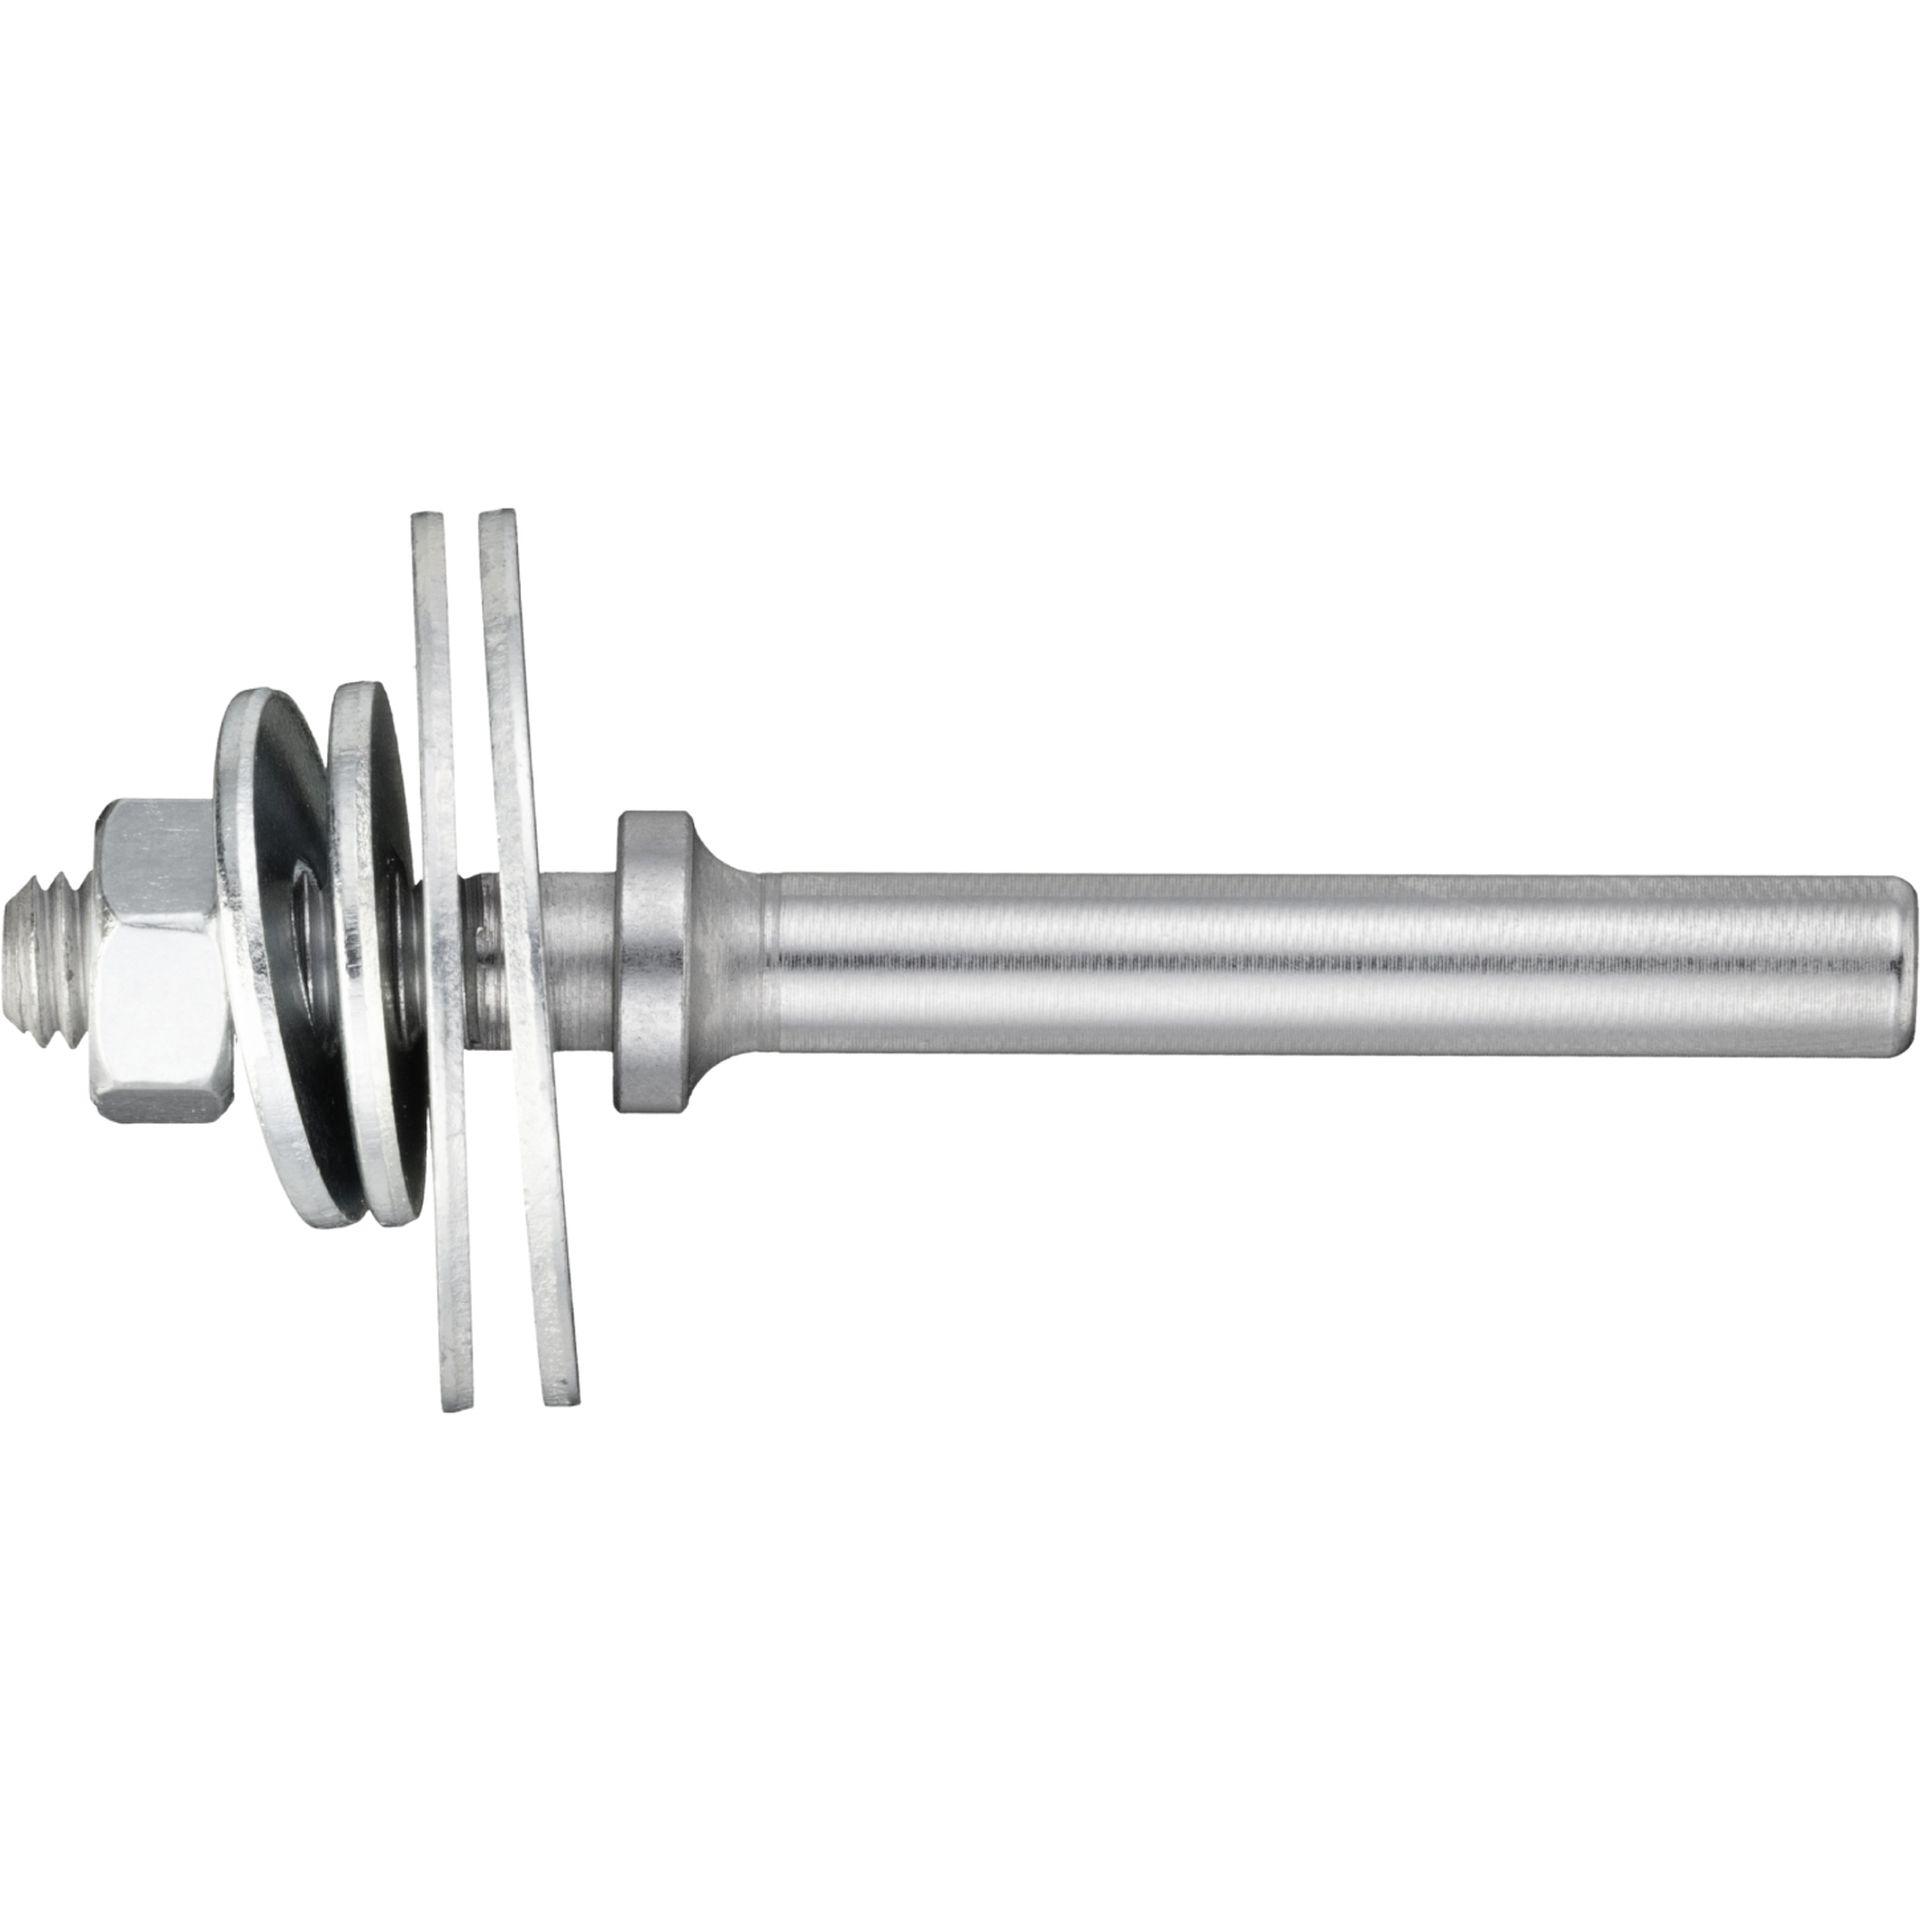 5x LUKAS Werkzeugaufnahme ASB für Filzpolierscheiben M6 Schaft 6 mm